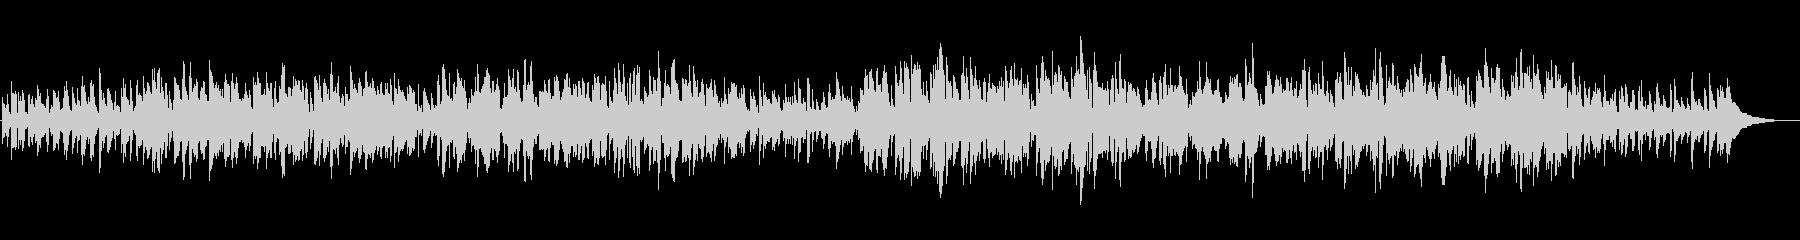 プロジャズシンガーが歌うクリスマスソングの未再生の波形